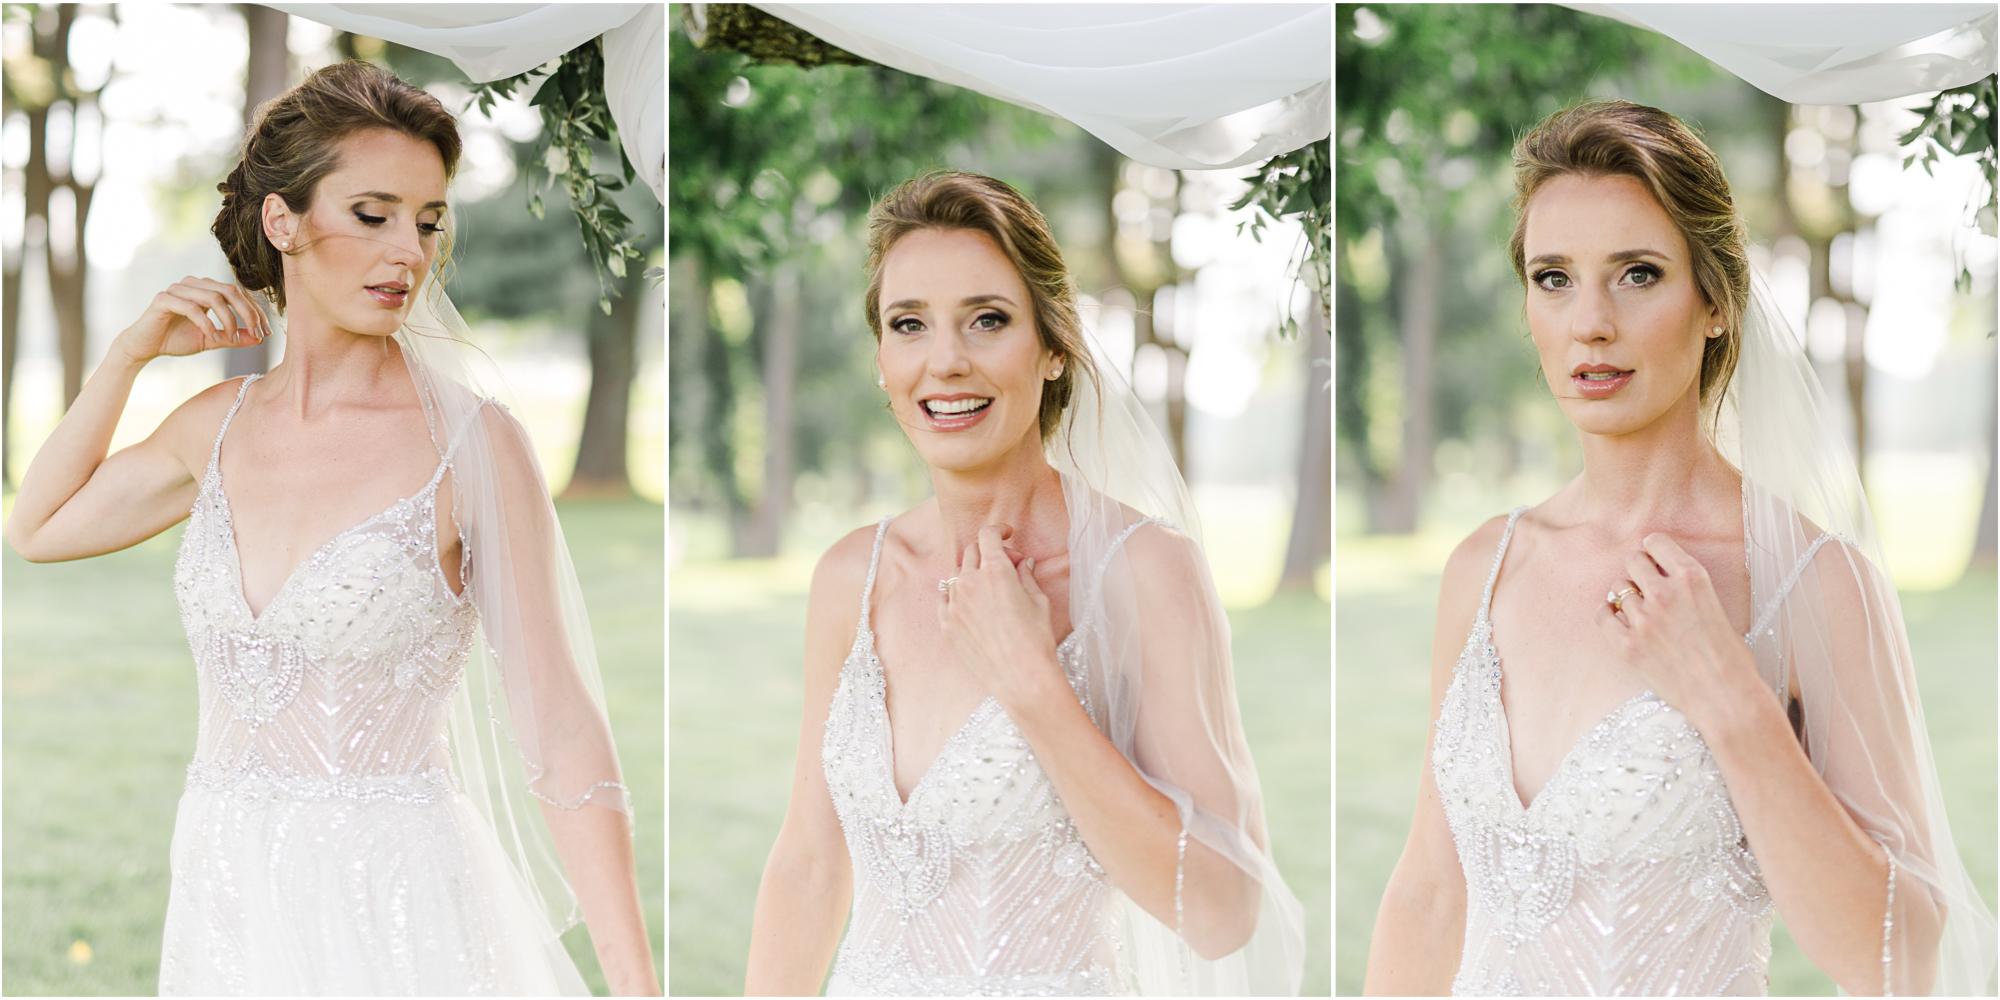 Elegant Wedding Shoot in Sharon, Massachusetts 10.jpg